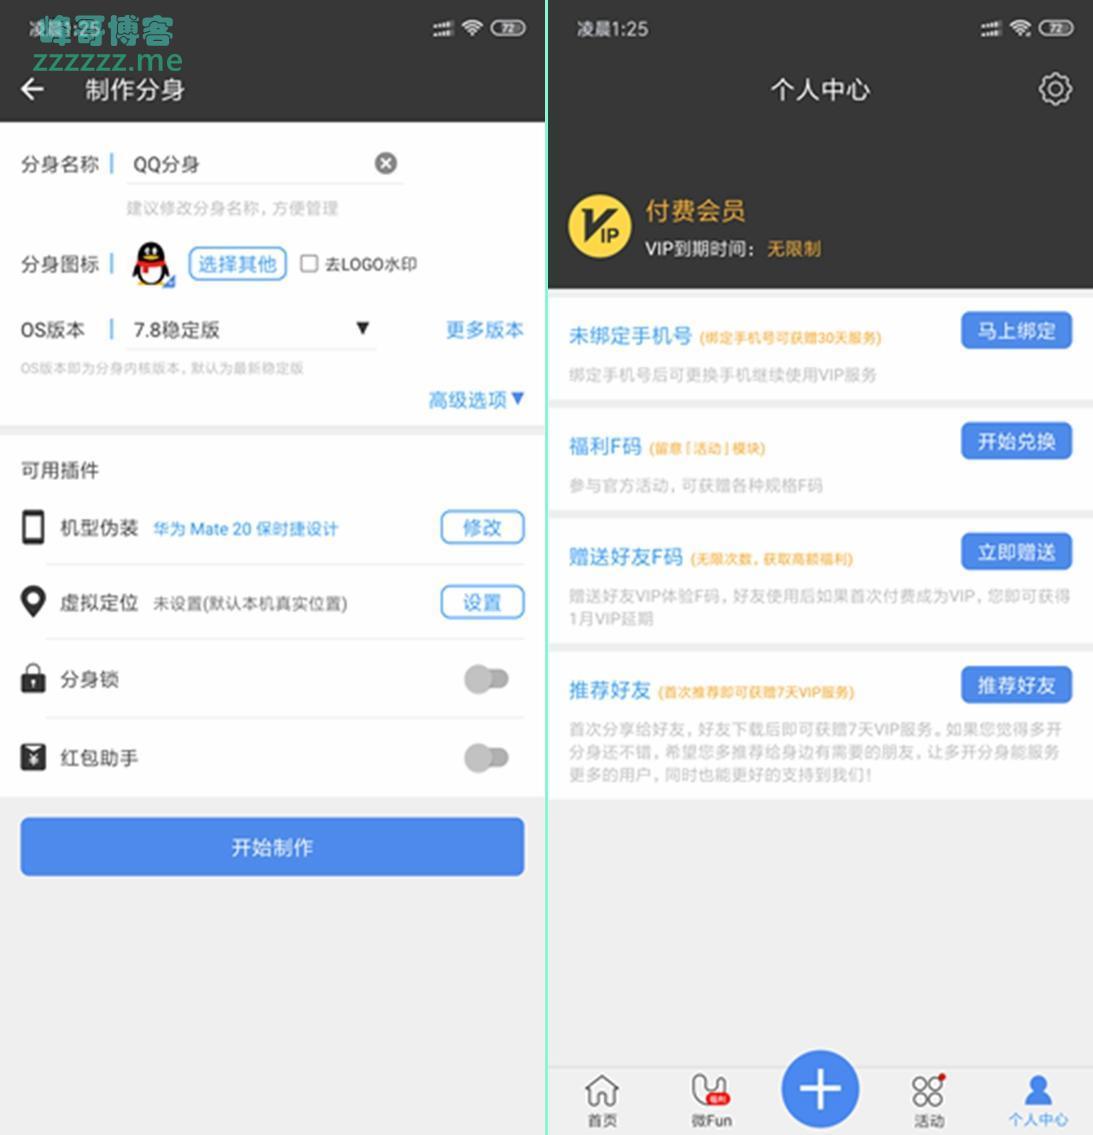 安卓多开分身V7.7 去广告去更新VIP付费会员破解版 所有功能免费使用!